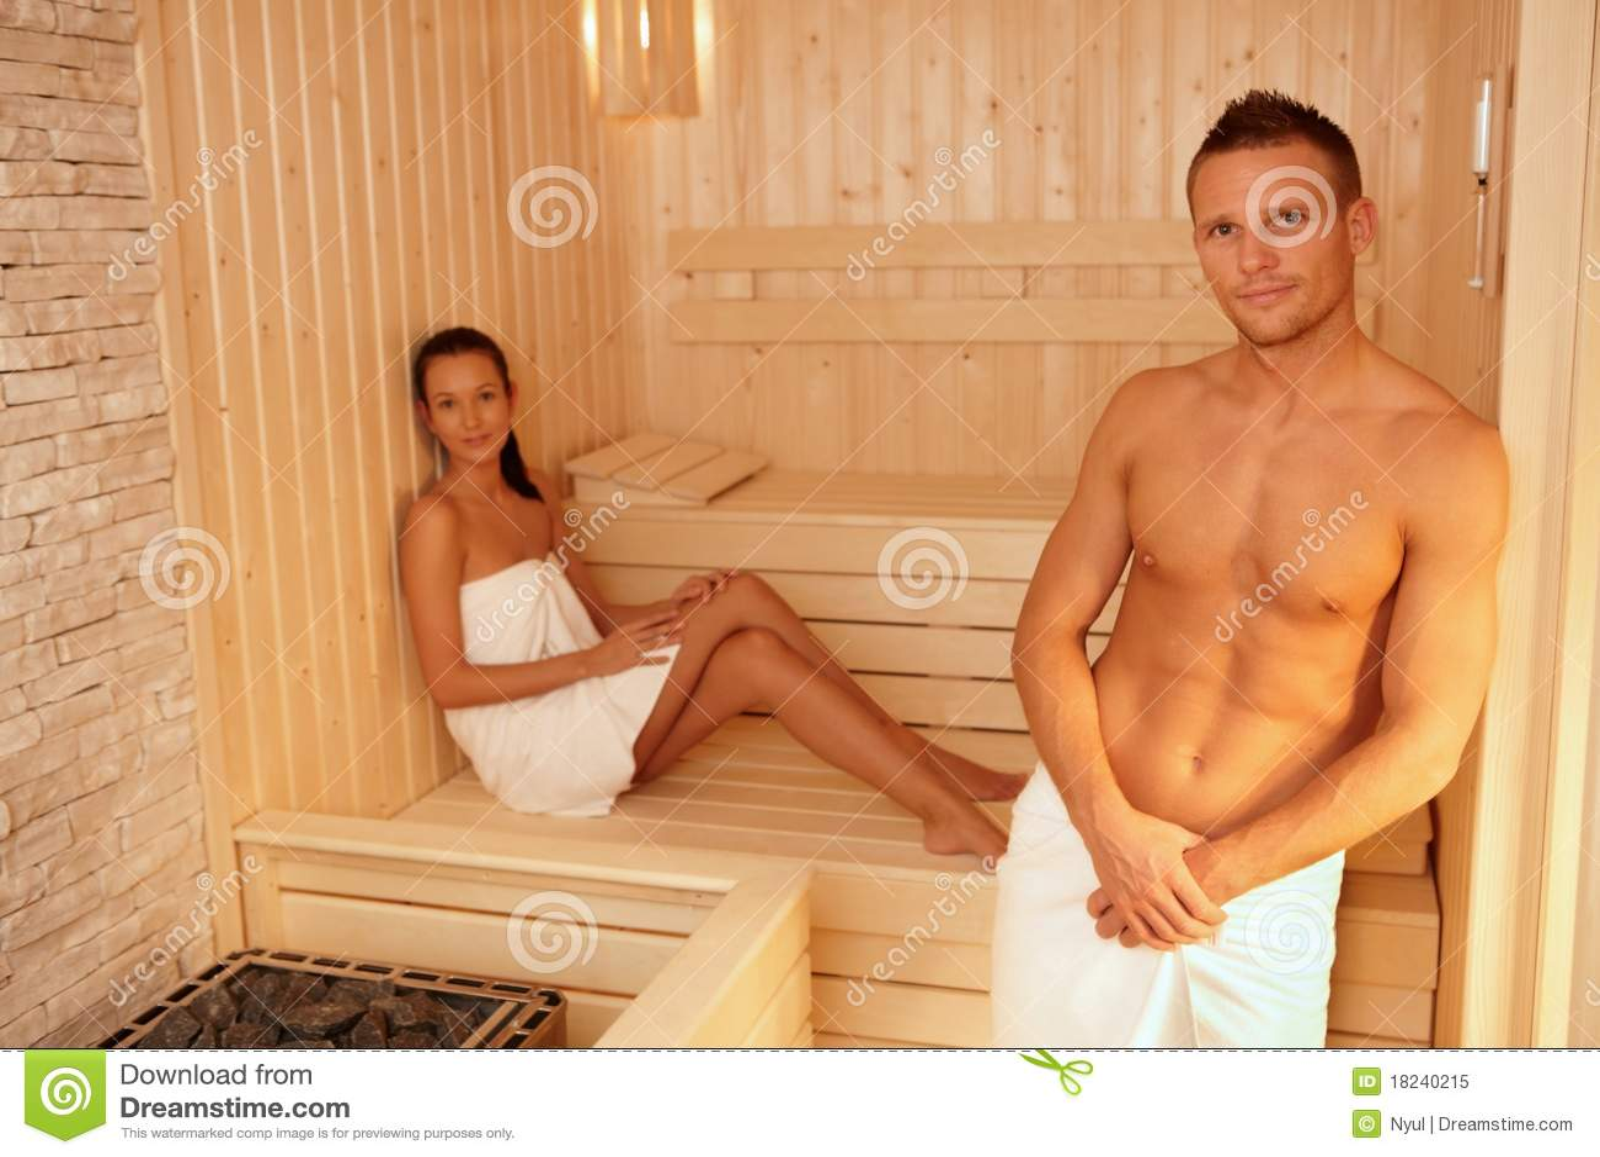 sauna für paare oralverkehr fotos